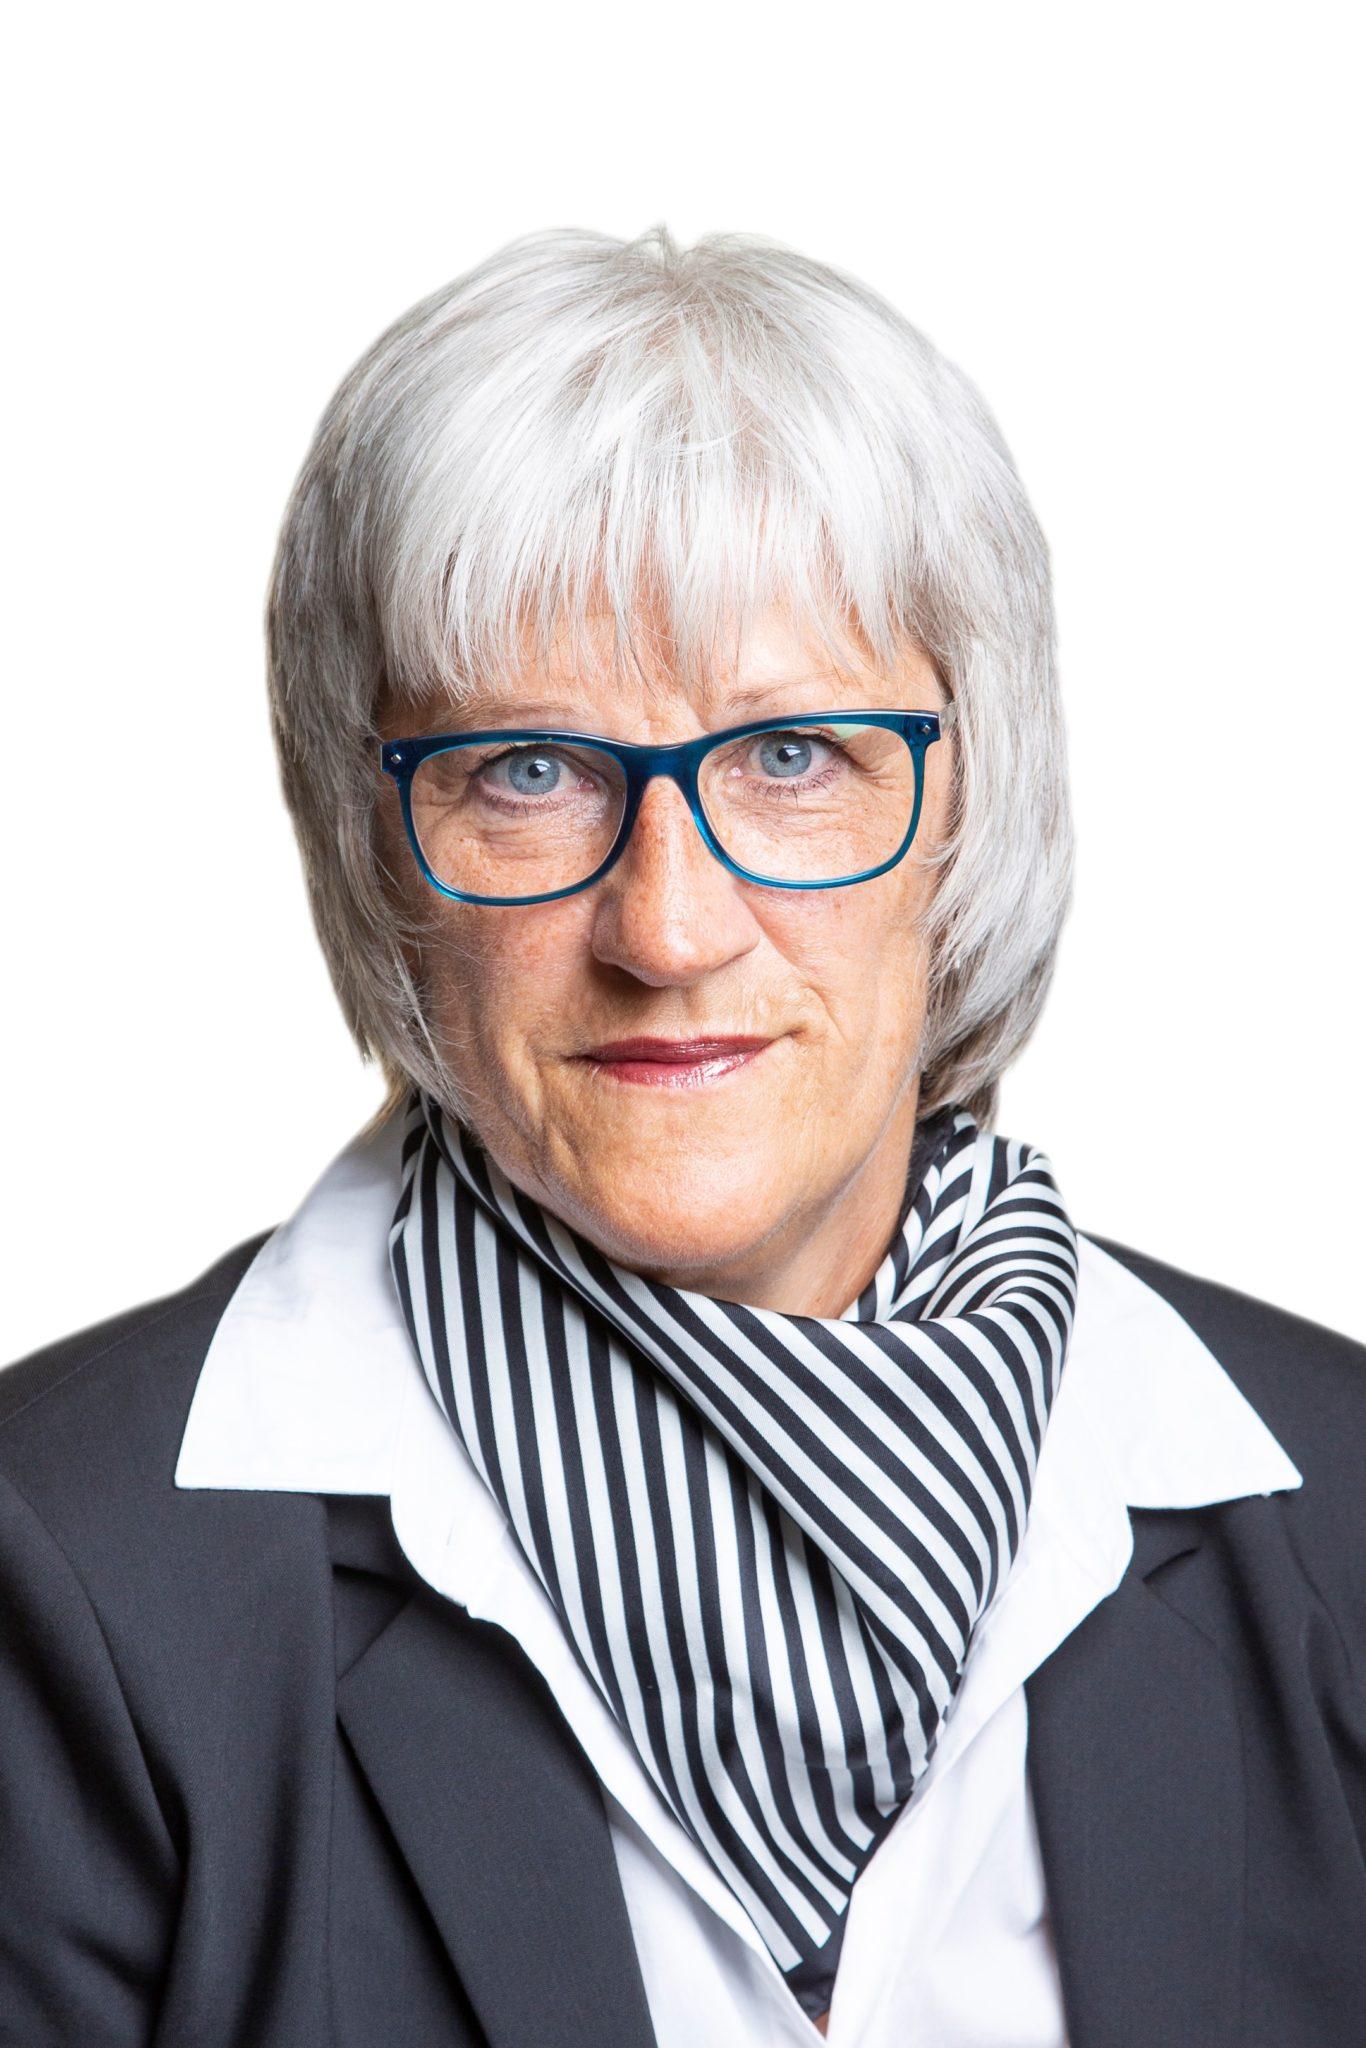 Lotte Petersen